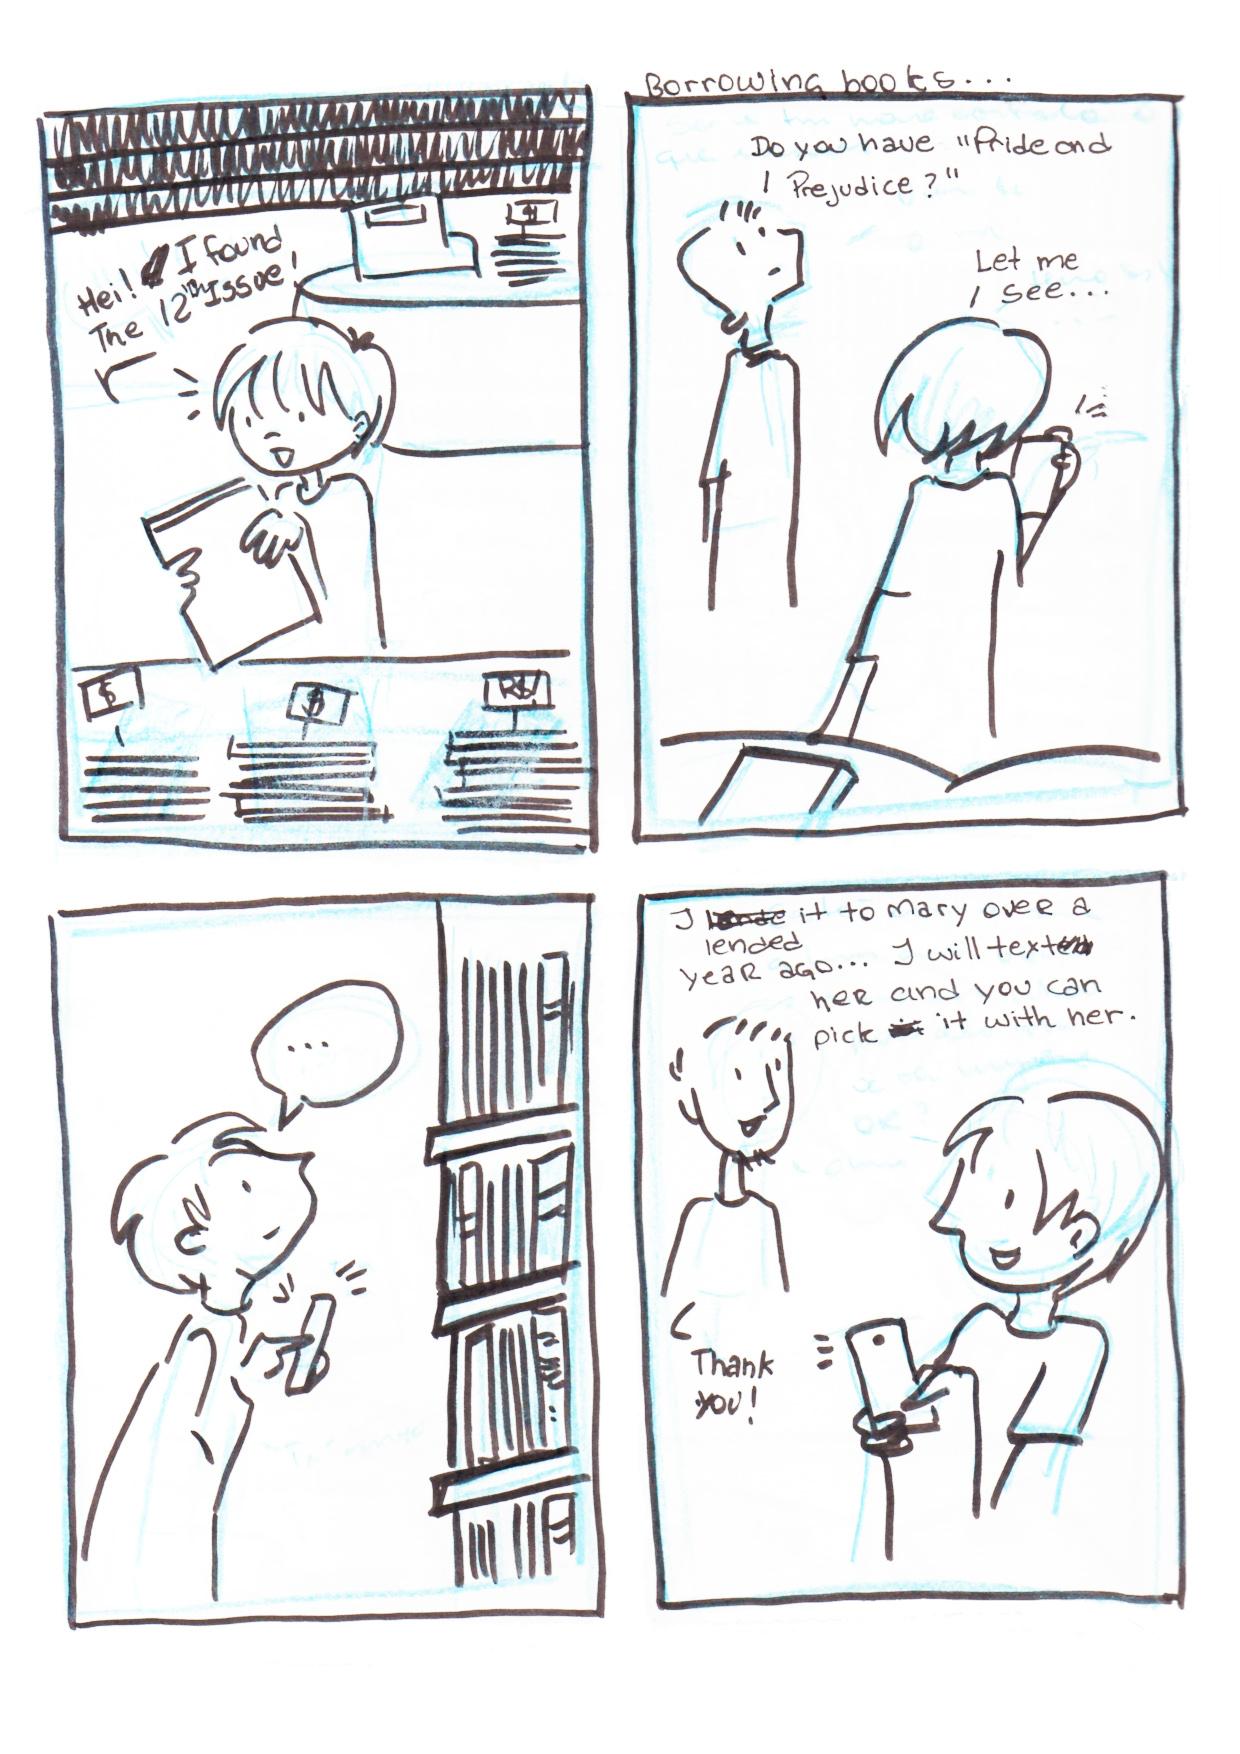 storyboard2a -Menina organiza seus livros pelo aplicativo. Agora ela sabe que volumes faltam a uma coleção e com qual amigo estão seus livros emprestados.